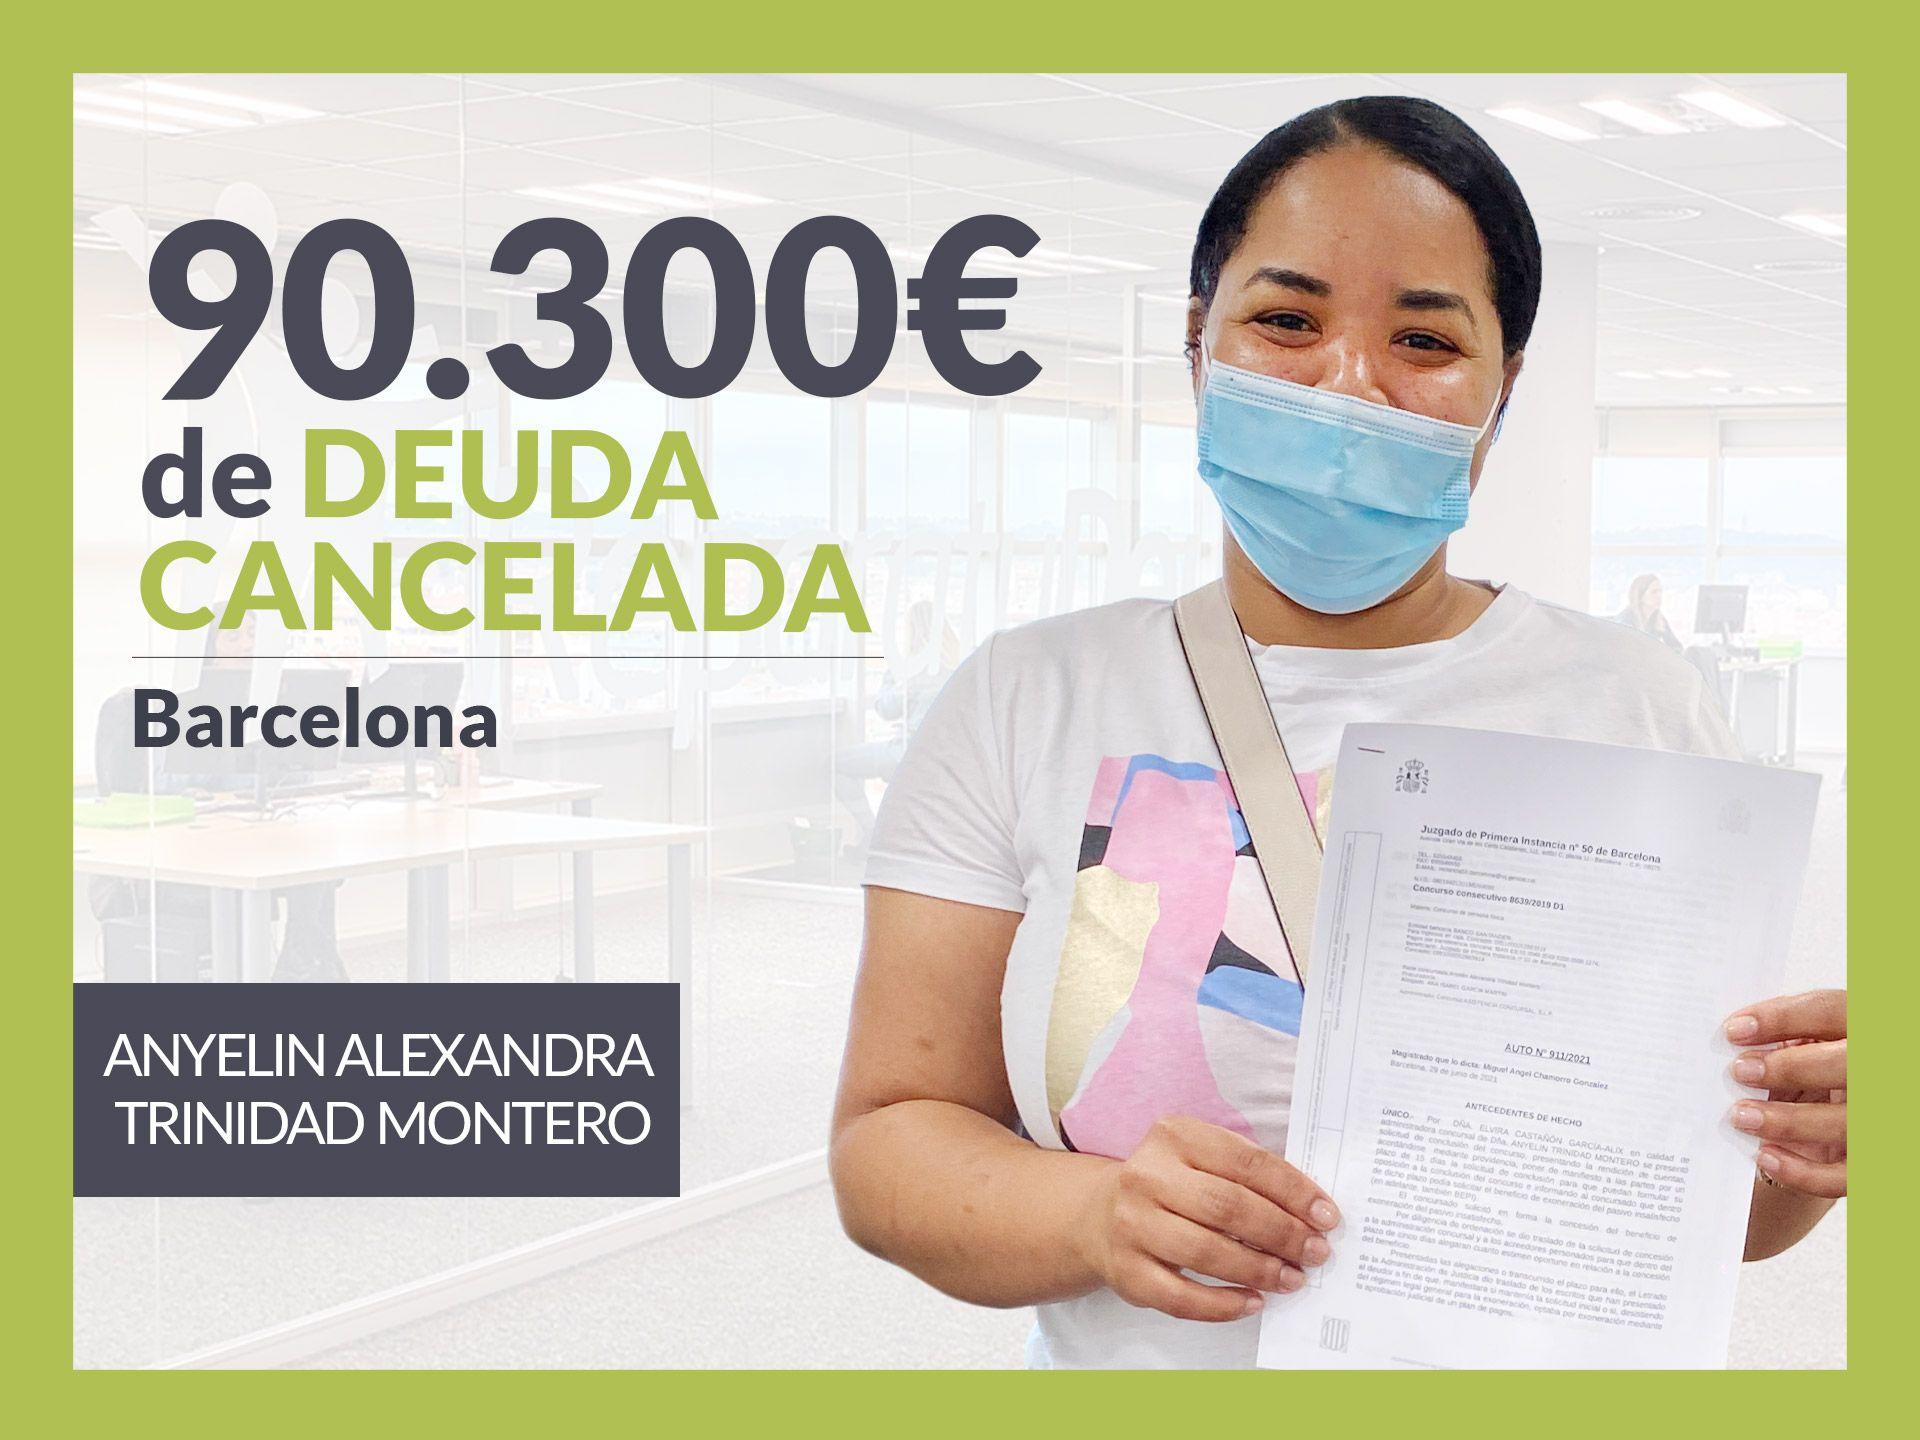 Repara tu Deuda Abogados cancela 90.300 ? en Barcelona (Catalunya) con la Ley de Segunda Oportunidad